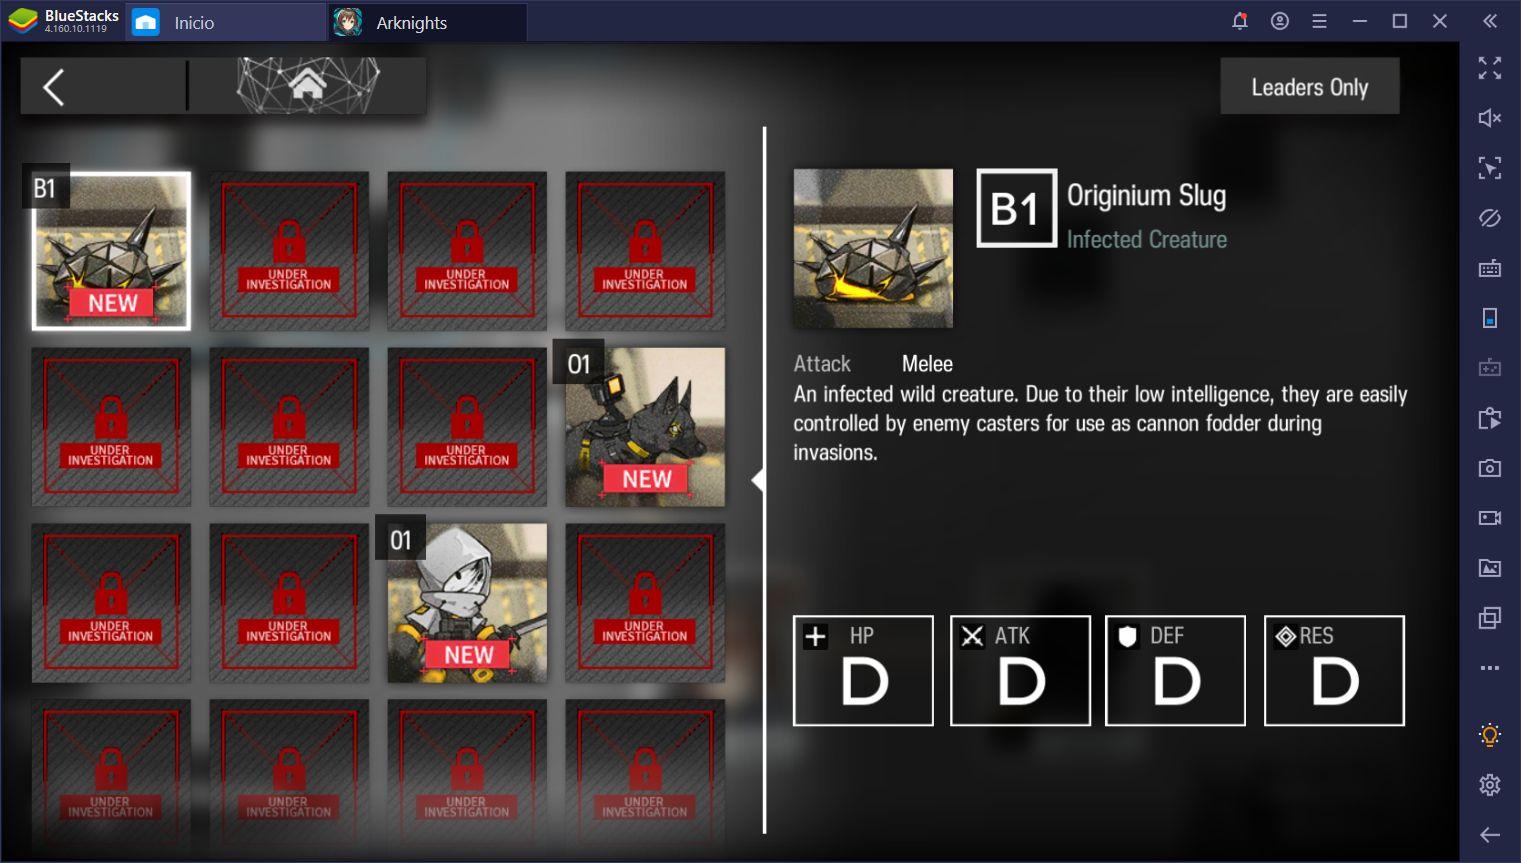 Arknights en PC - Tódo lo que Necesitas Saber Acerca del Combate